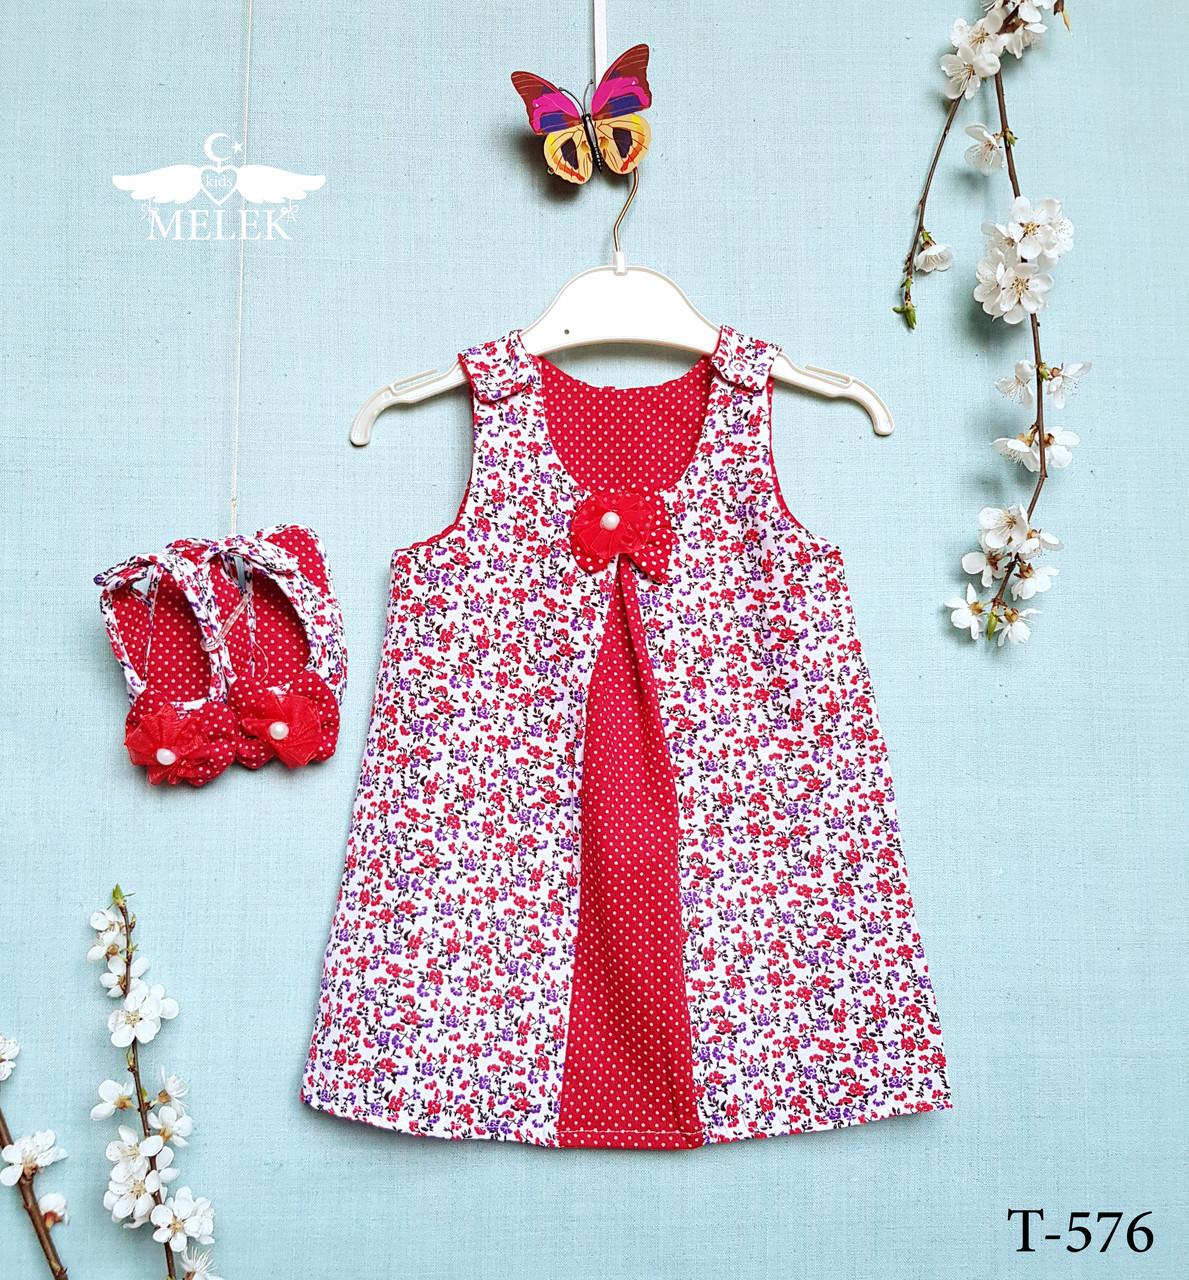 ccc4d215bc6 Купить платье с босоножками(тапочками) для девочки до 1